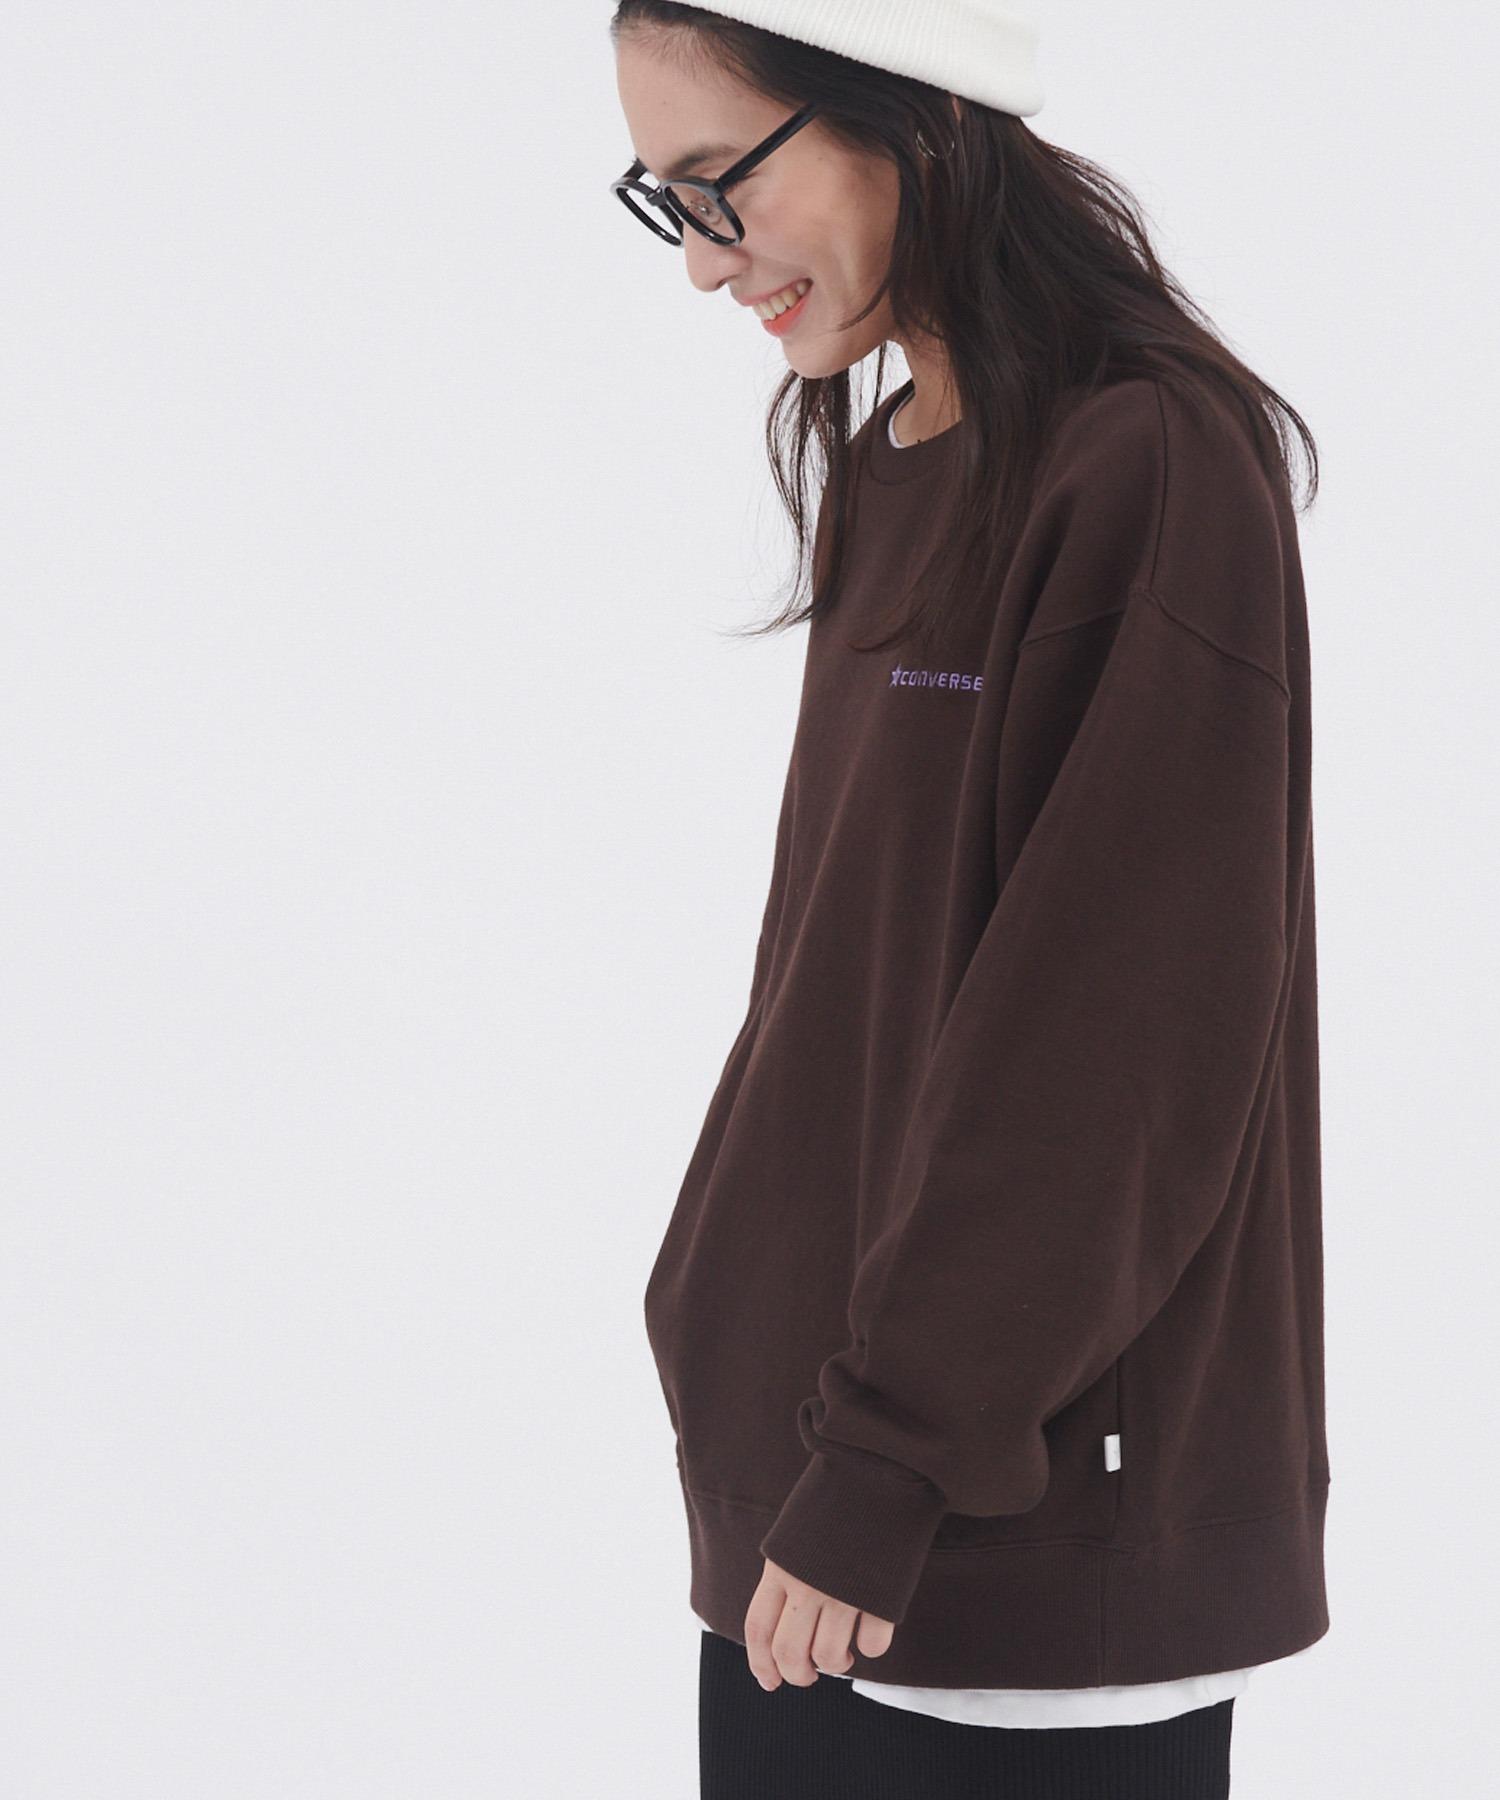 CONVERSE/コンバース 裏毛コーポレート刺繍ルーズスウェット